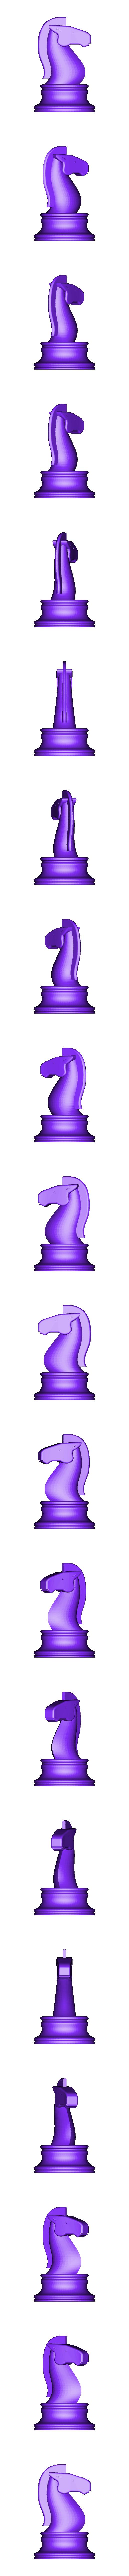 caballo.STL Télécharger fichier STL gratuit échecs complets • Plan pour imprimante 3D, montenegromateo111